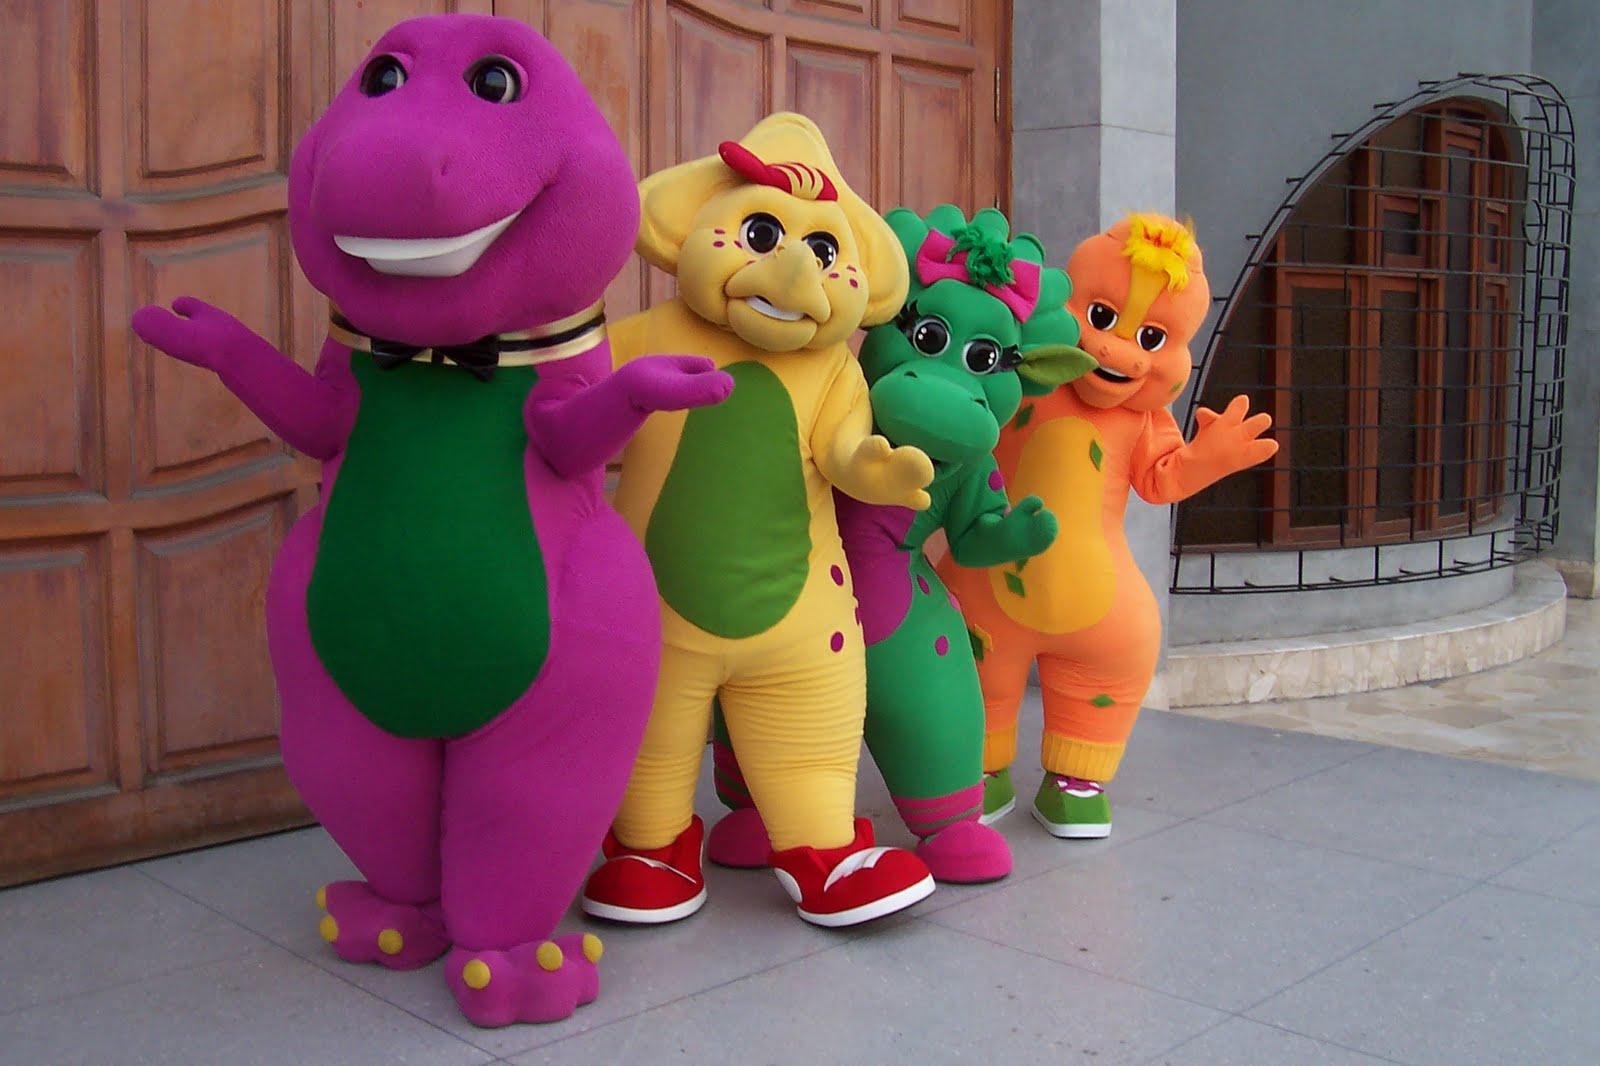 fotos de barny y sus amigos: